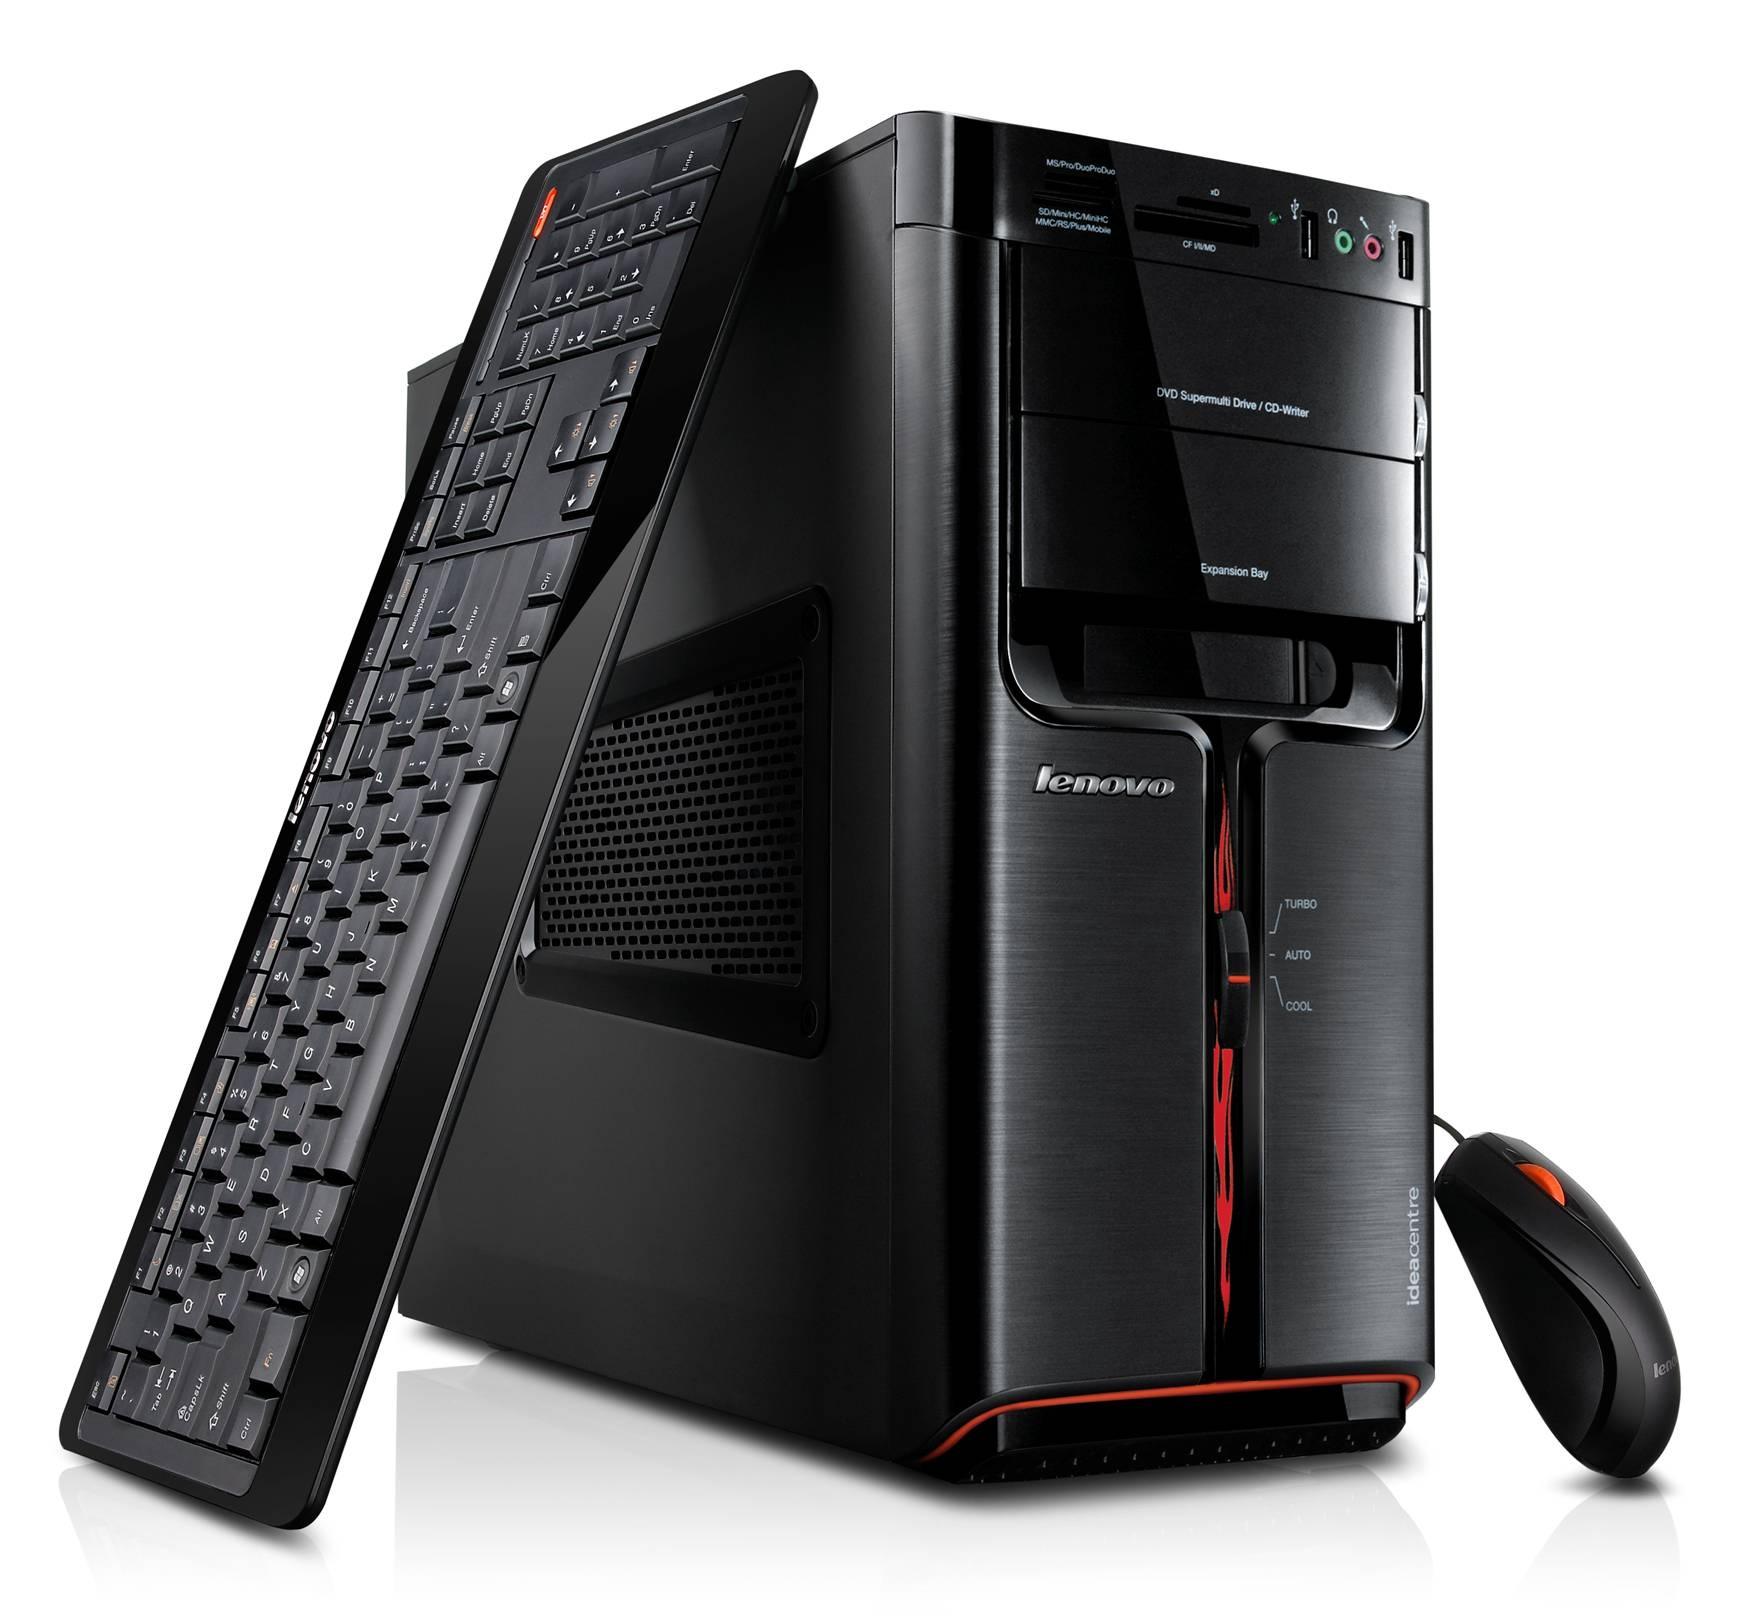 Самый мощный, крутой компьютер 2017